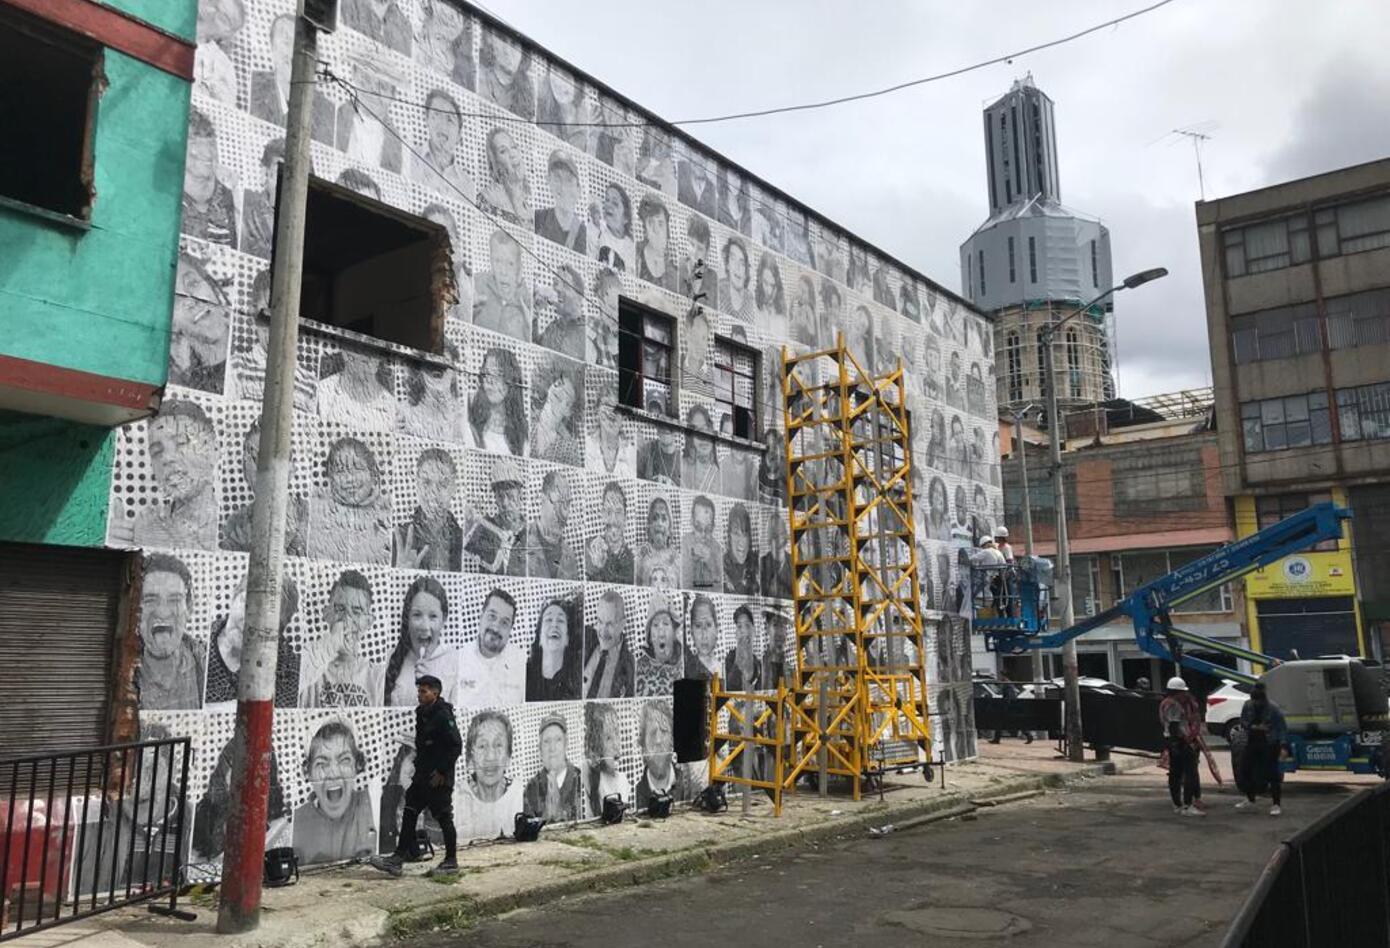 Esa zona de Bogotá fue recuperada por el distrito en 2016